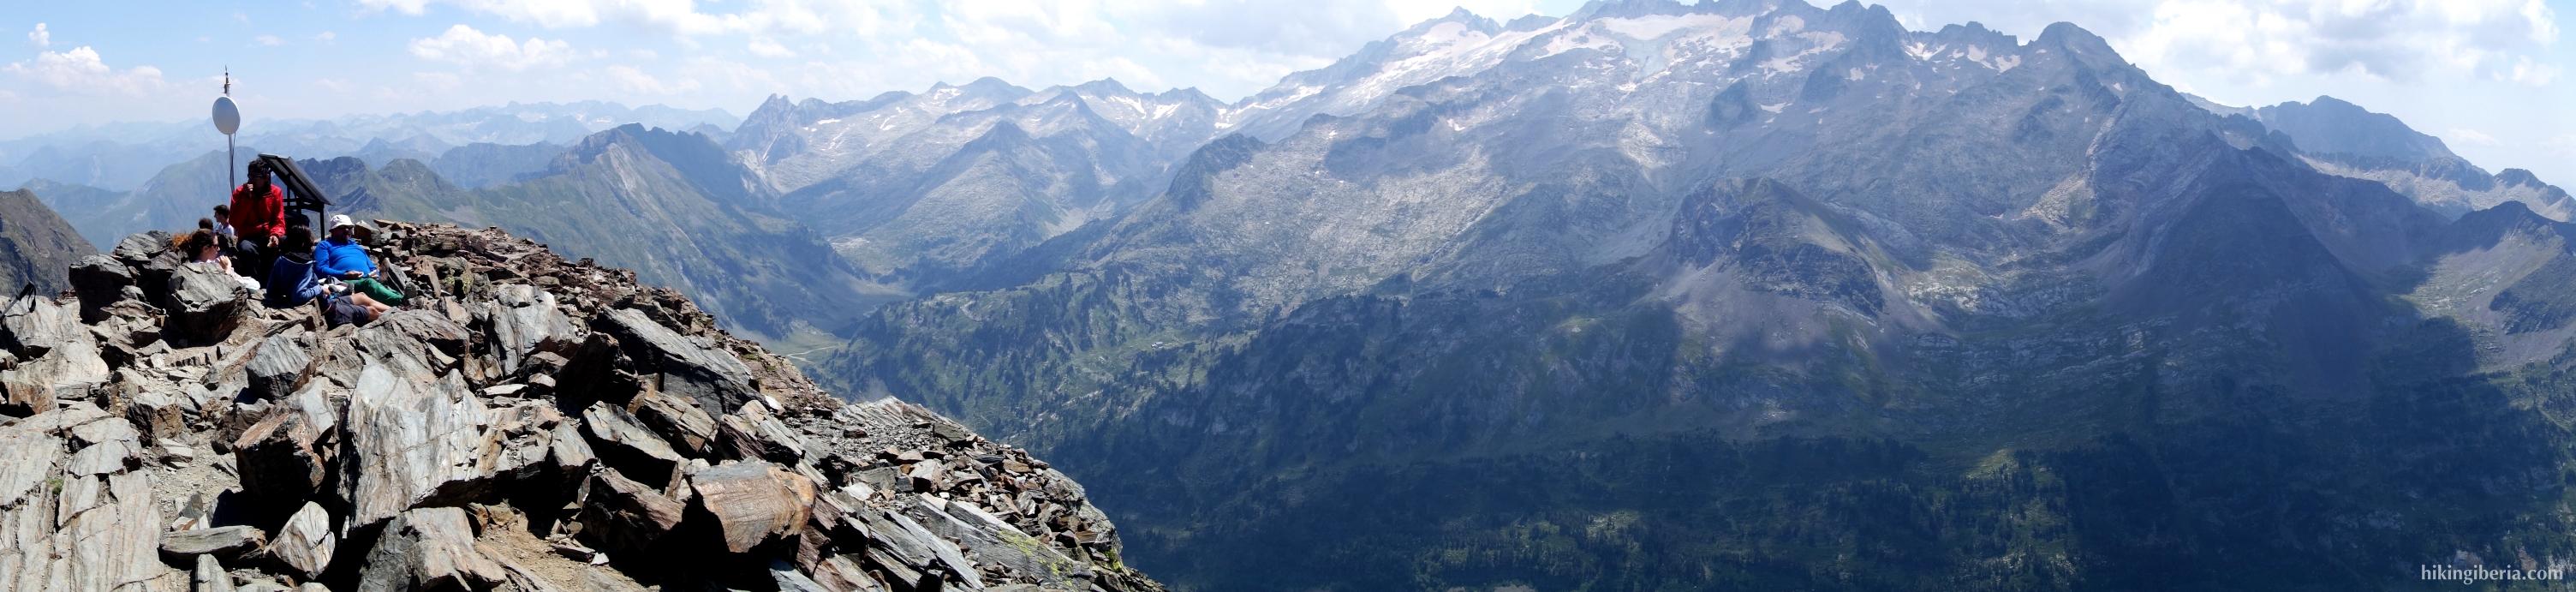 Pico de Salbaguardia